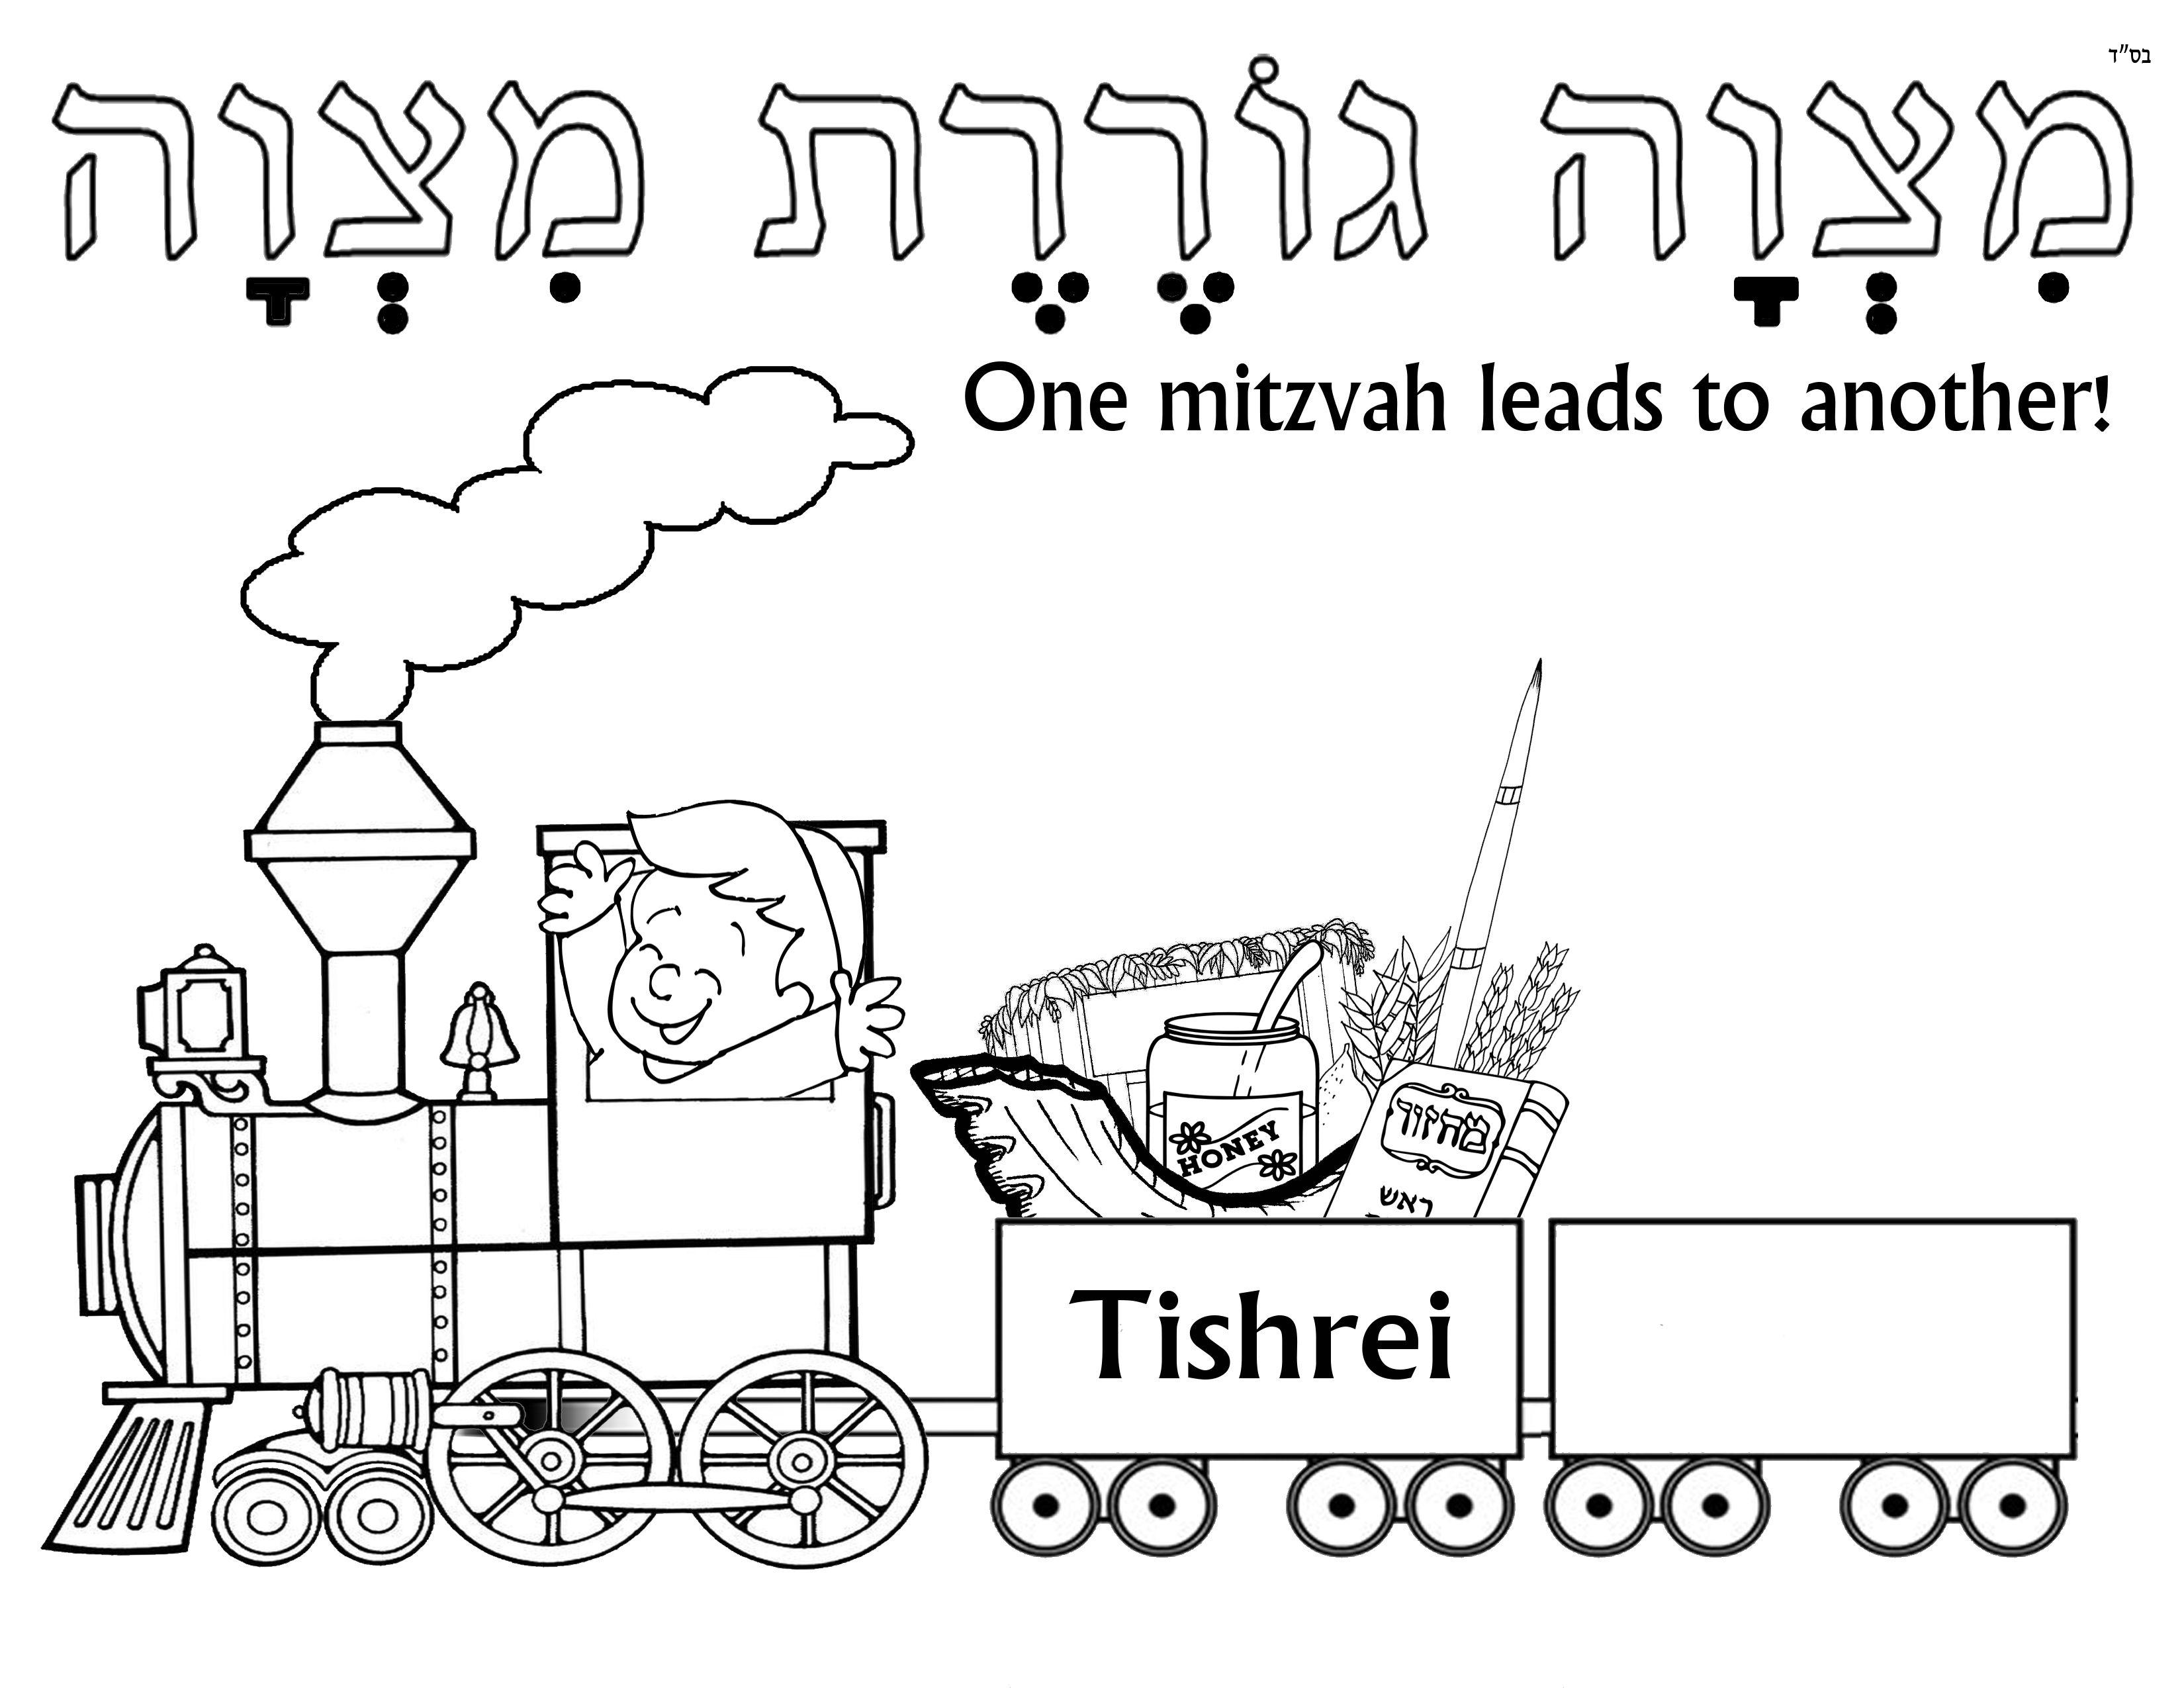 Mizvah Goreres Mitzvah Coloring Page | 2nd Grade | Free